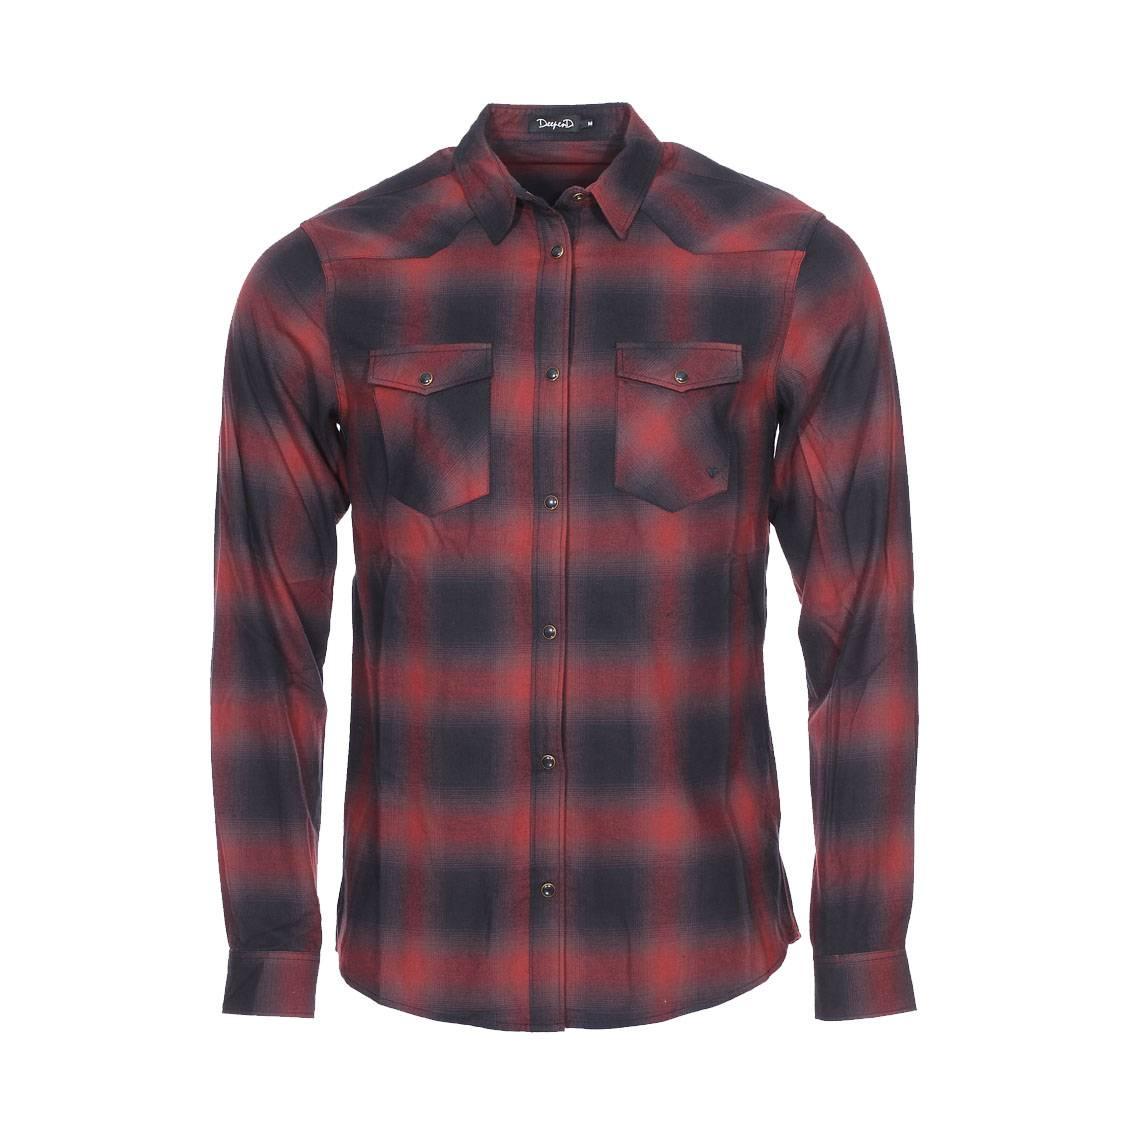 Chemise droite Deepend en coton à carreaux noirs et rouges